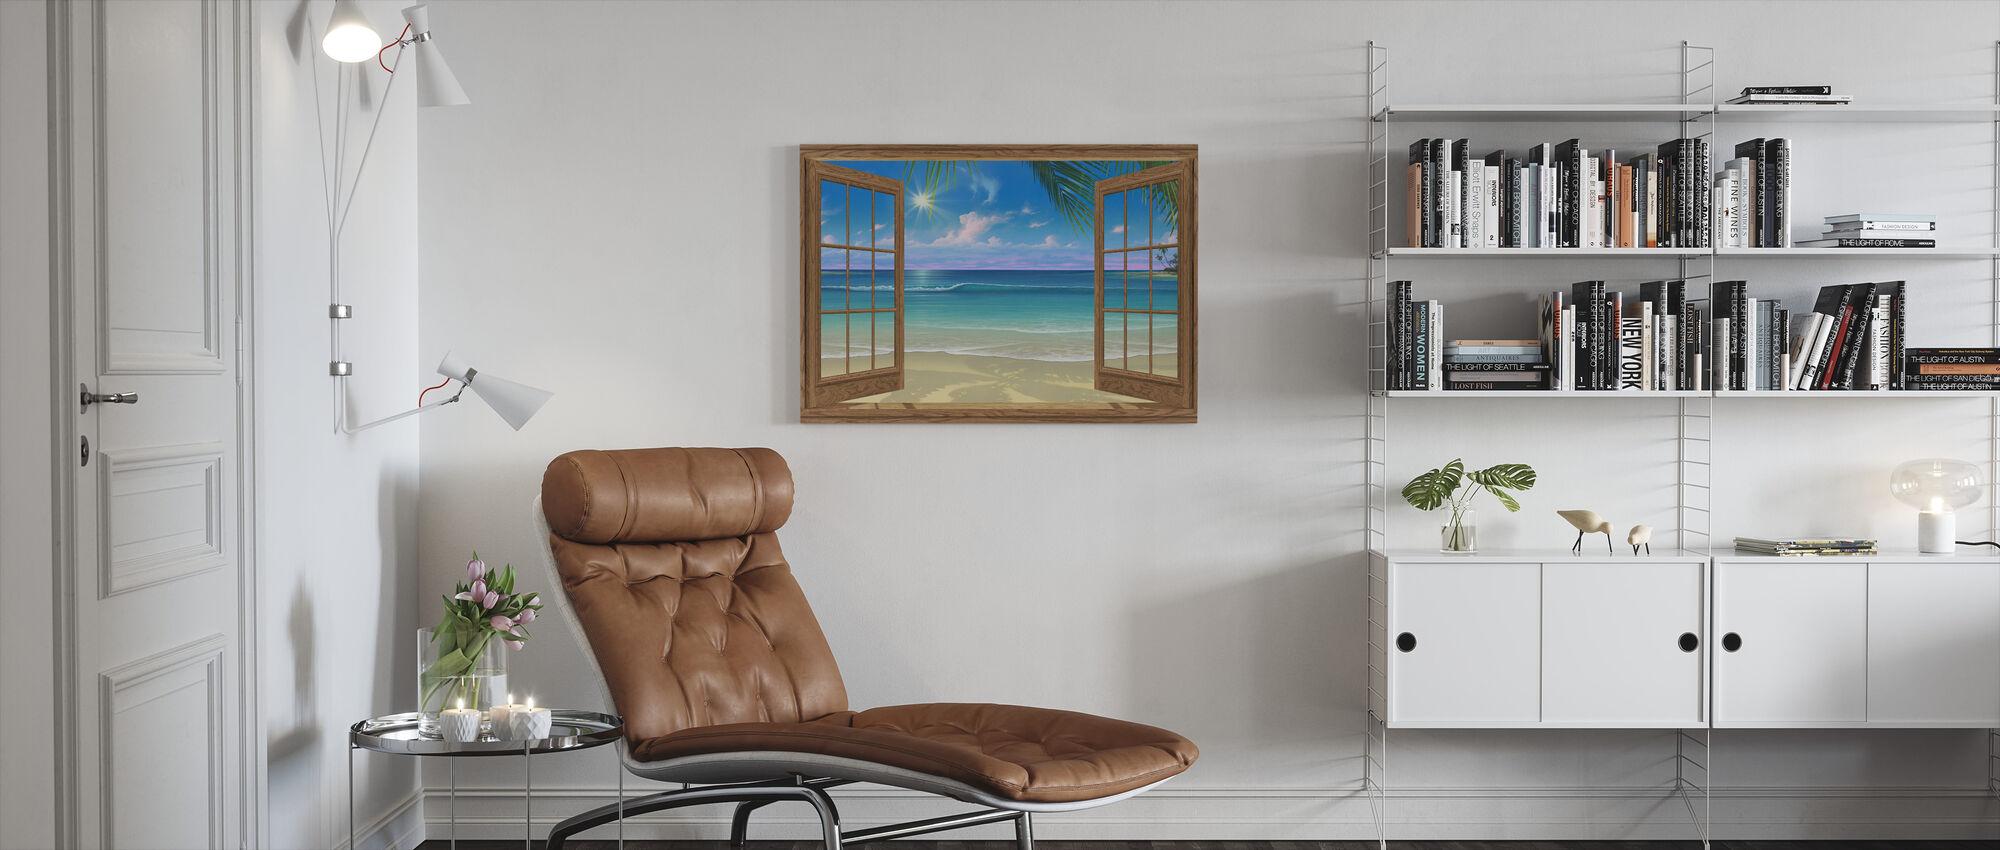 Gezicht op het Paradijs - Canvas print - Woonkamer